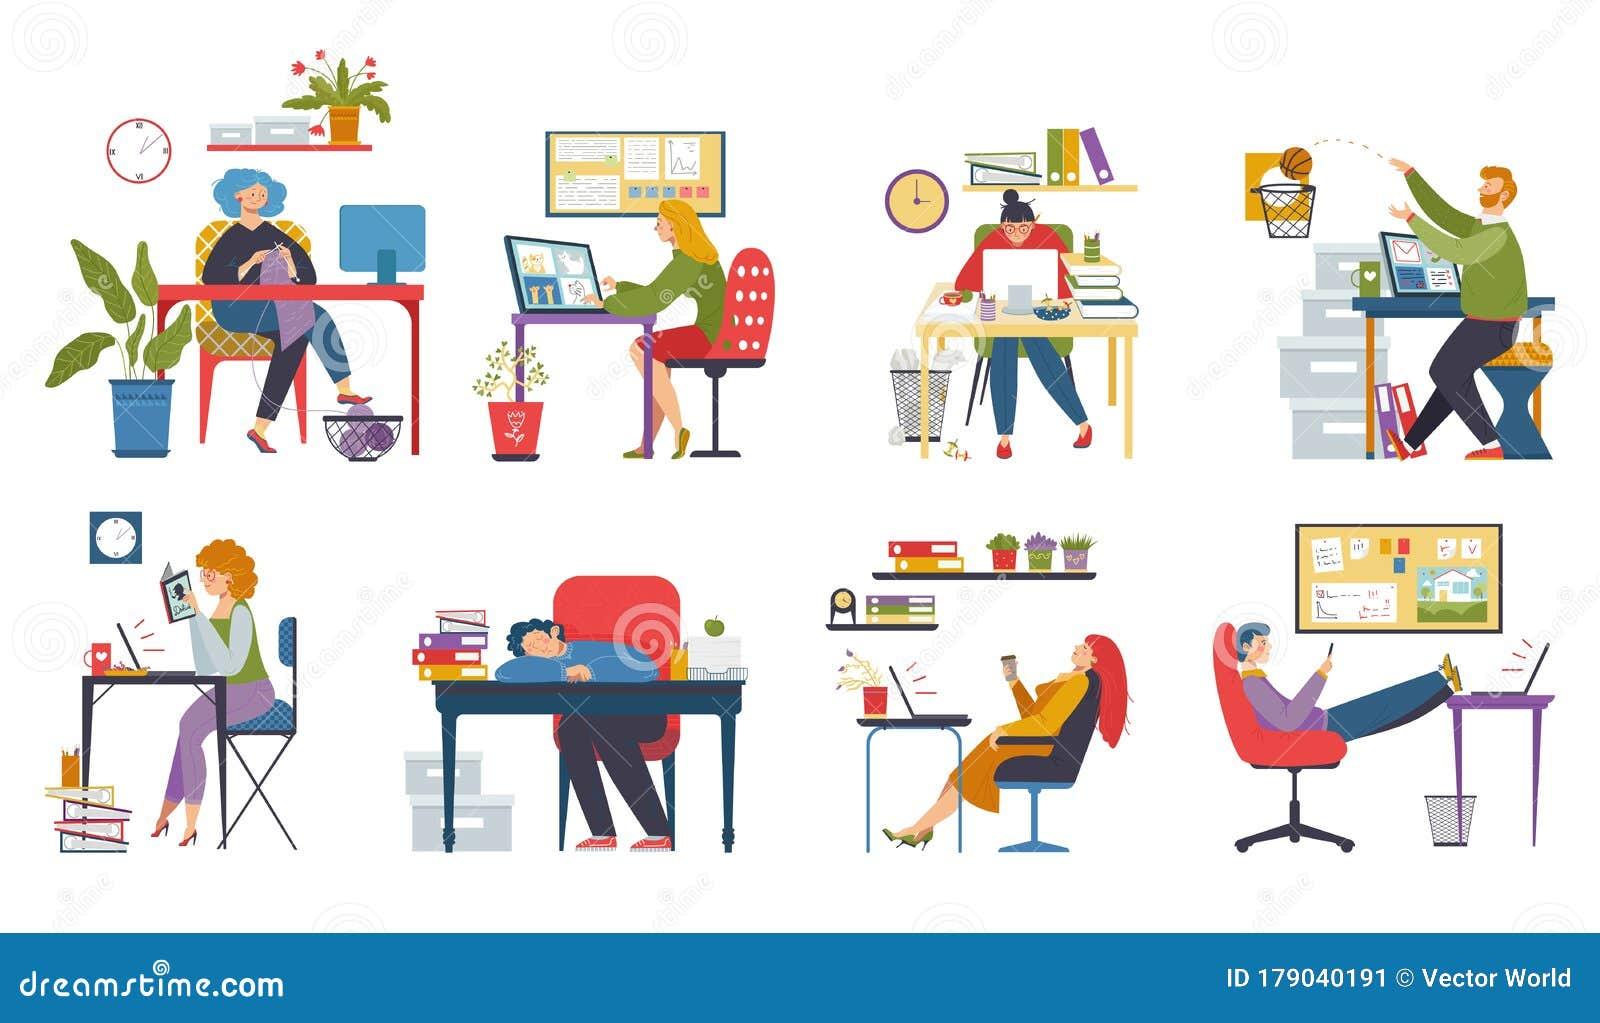 Set Of Funny Cartoon Manager   CartoonDealer.com #21745127